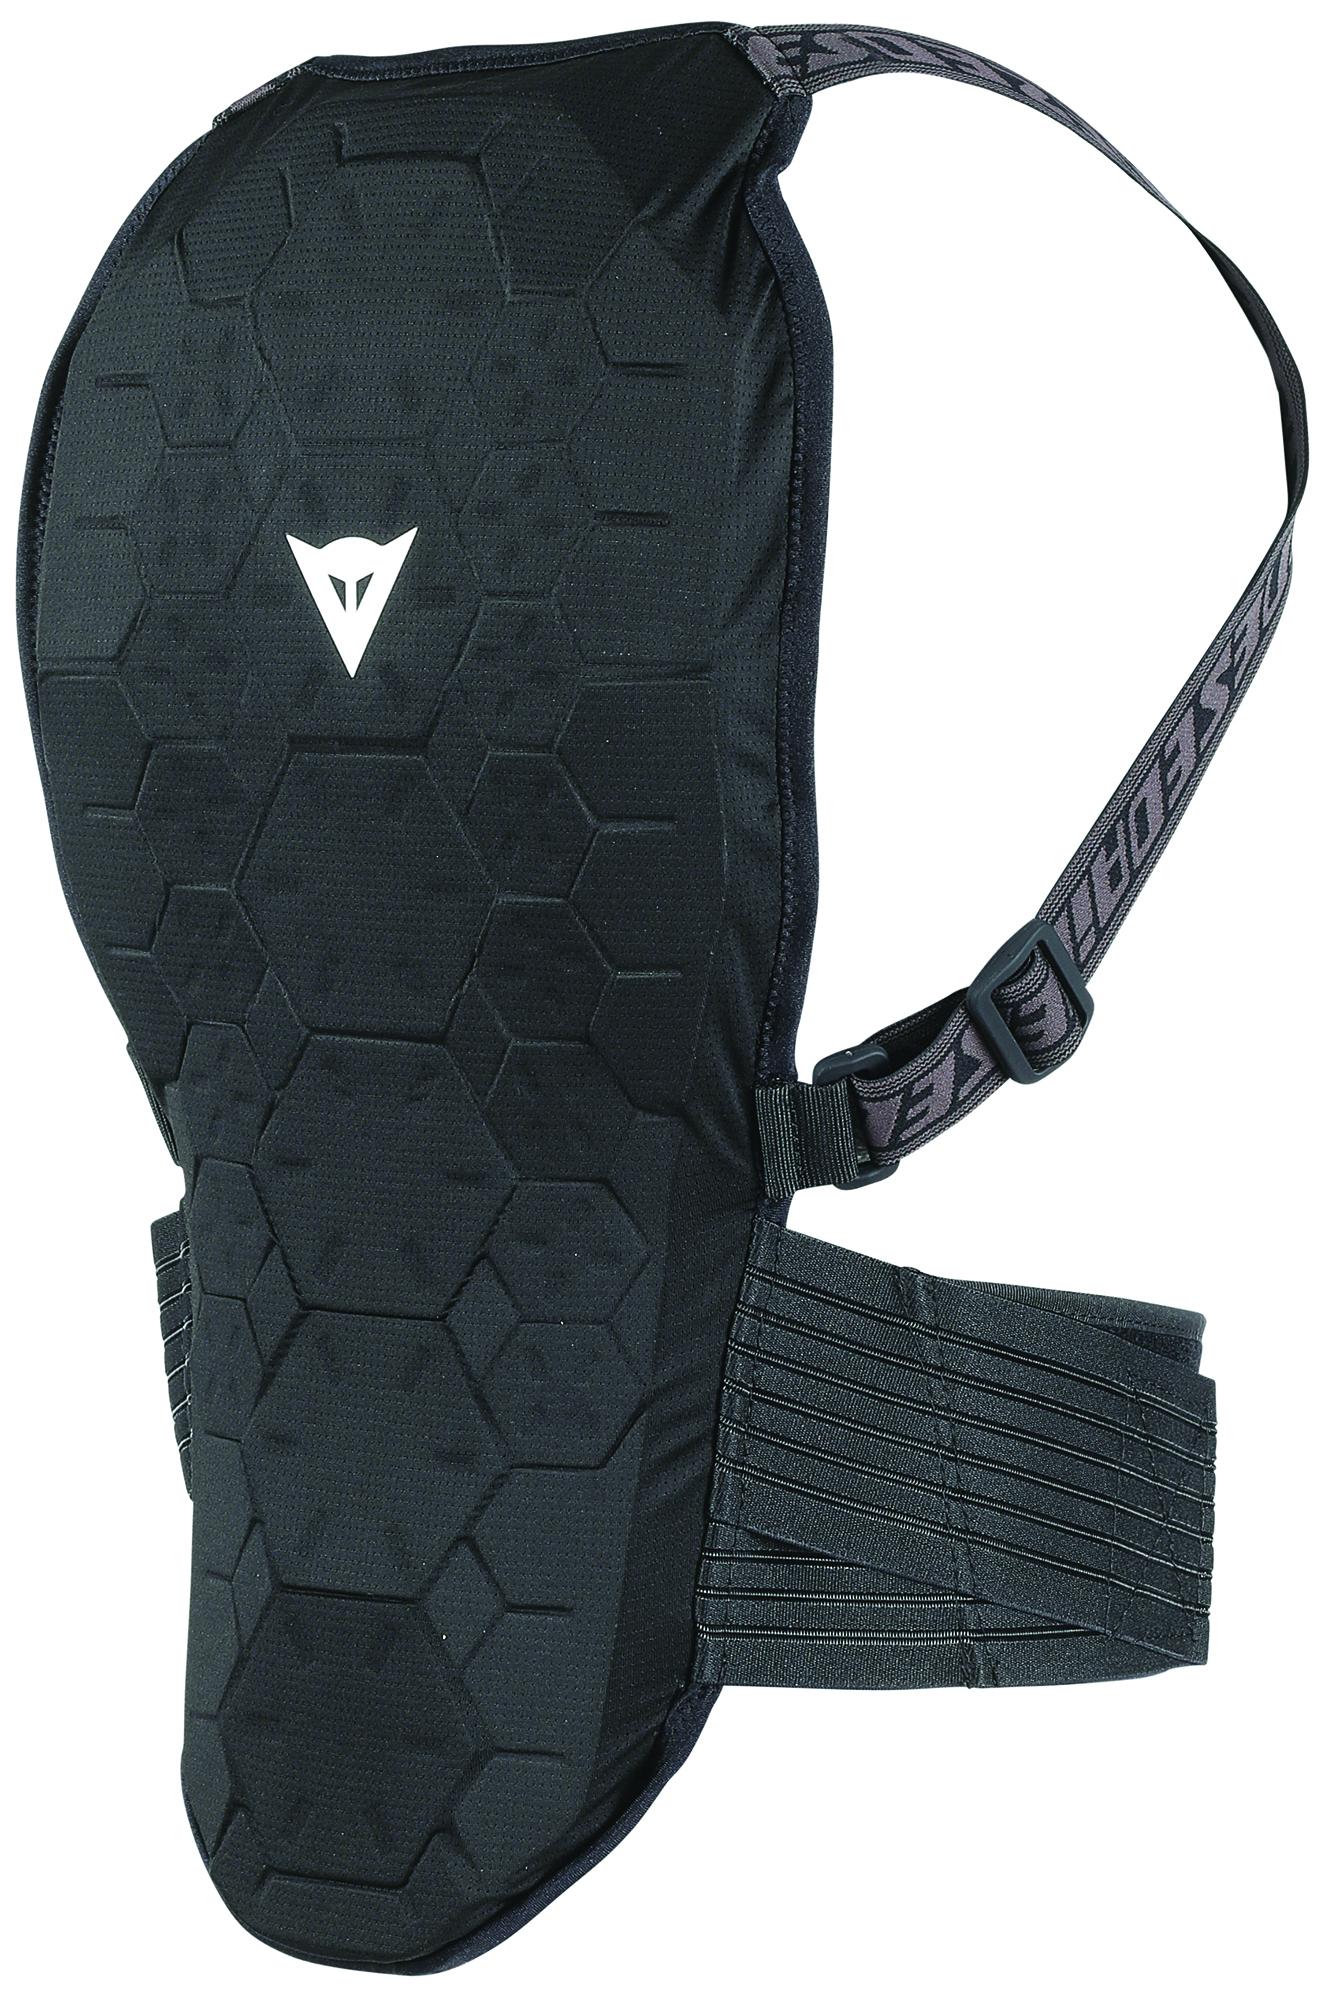 купить Dainese Защита спины Dainese Flexagon Back Protector по цене 10899 рублей